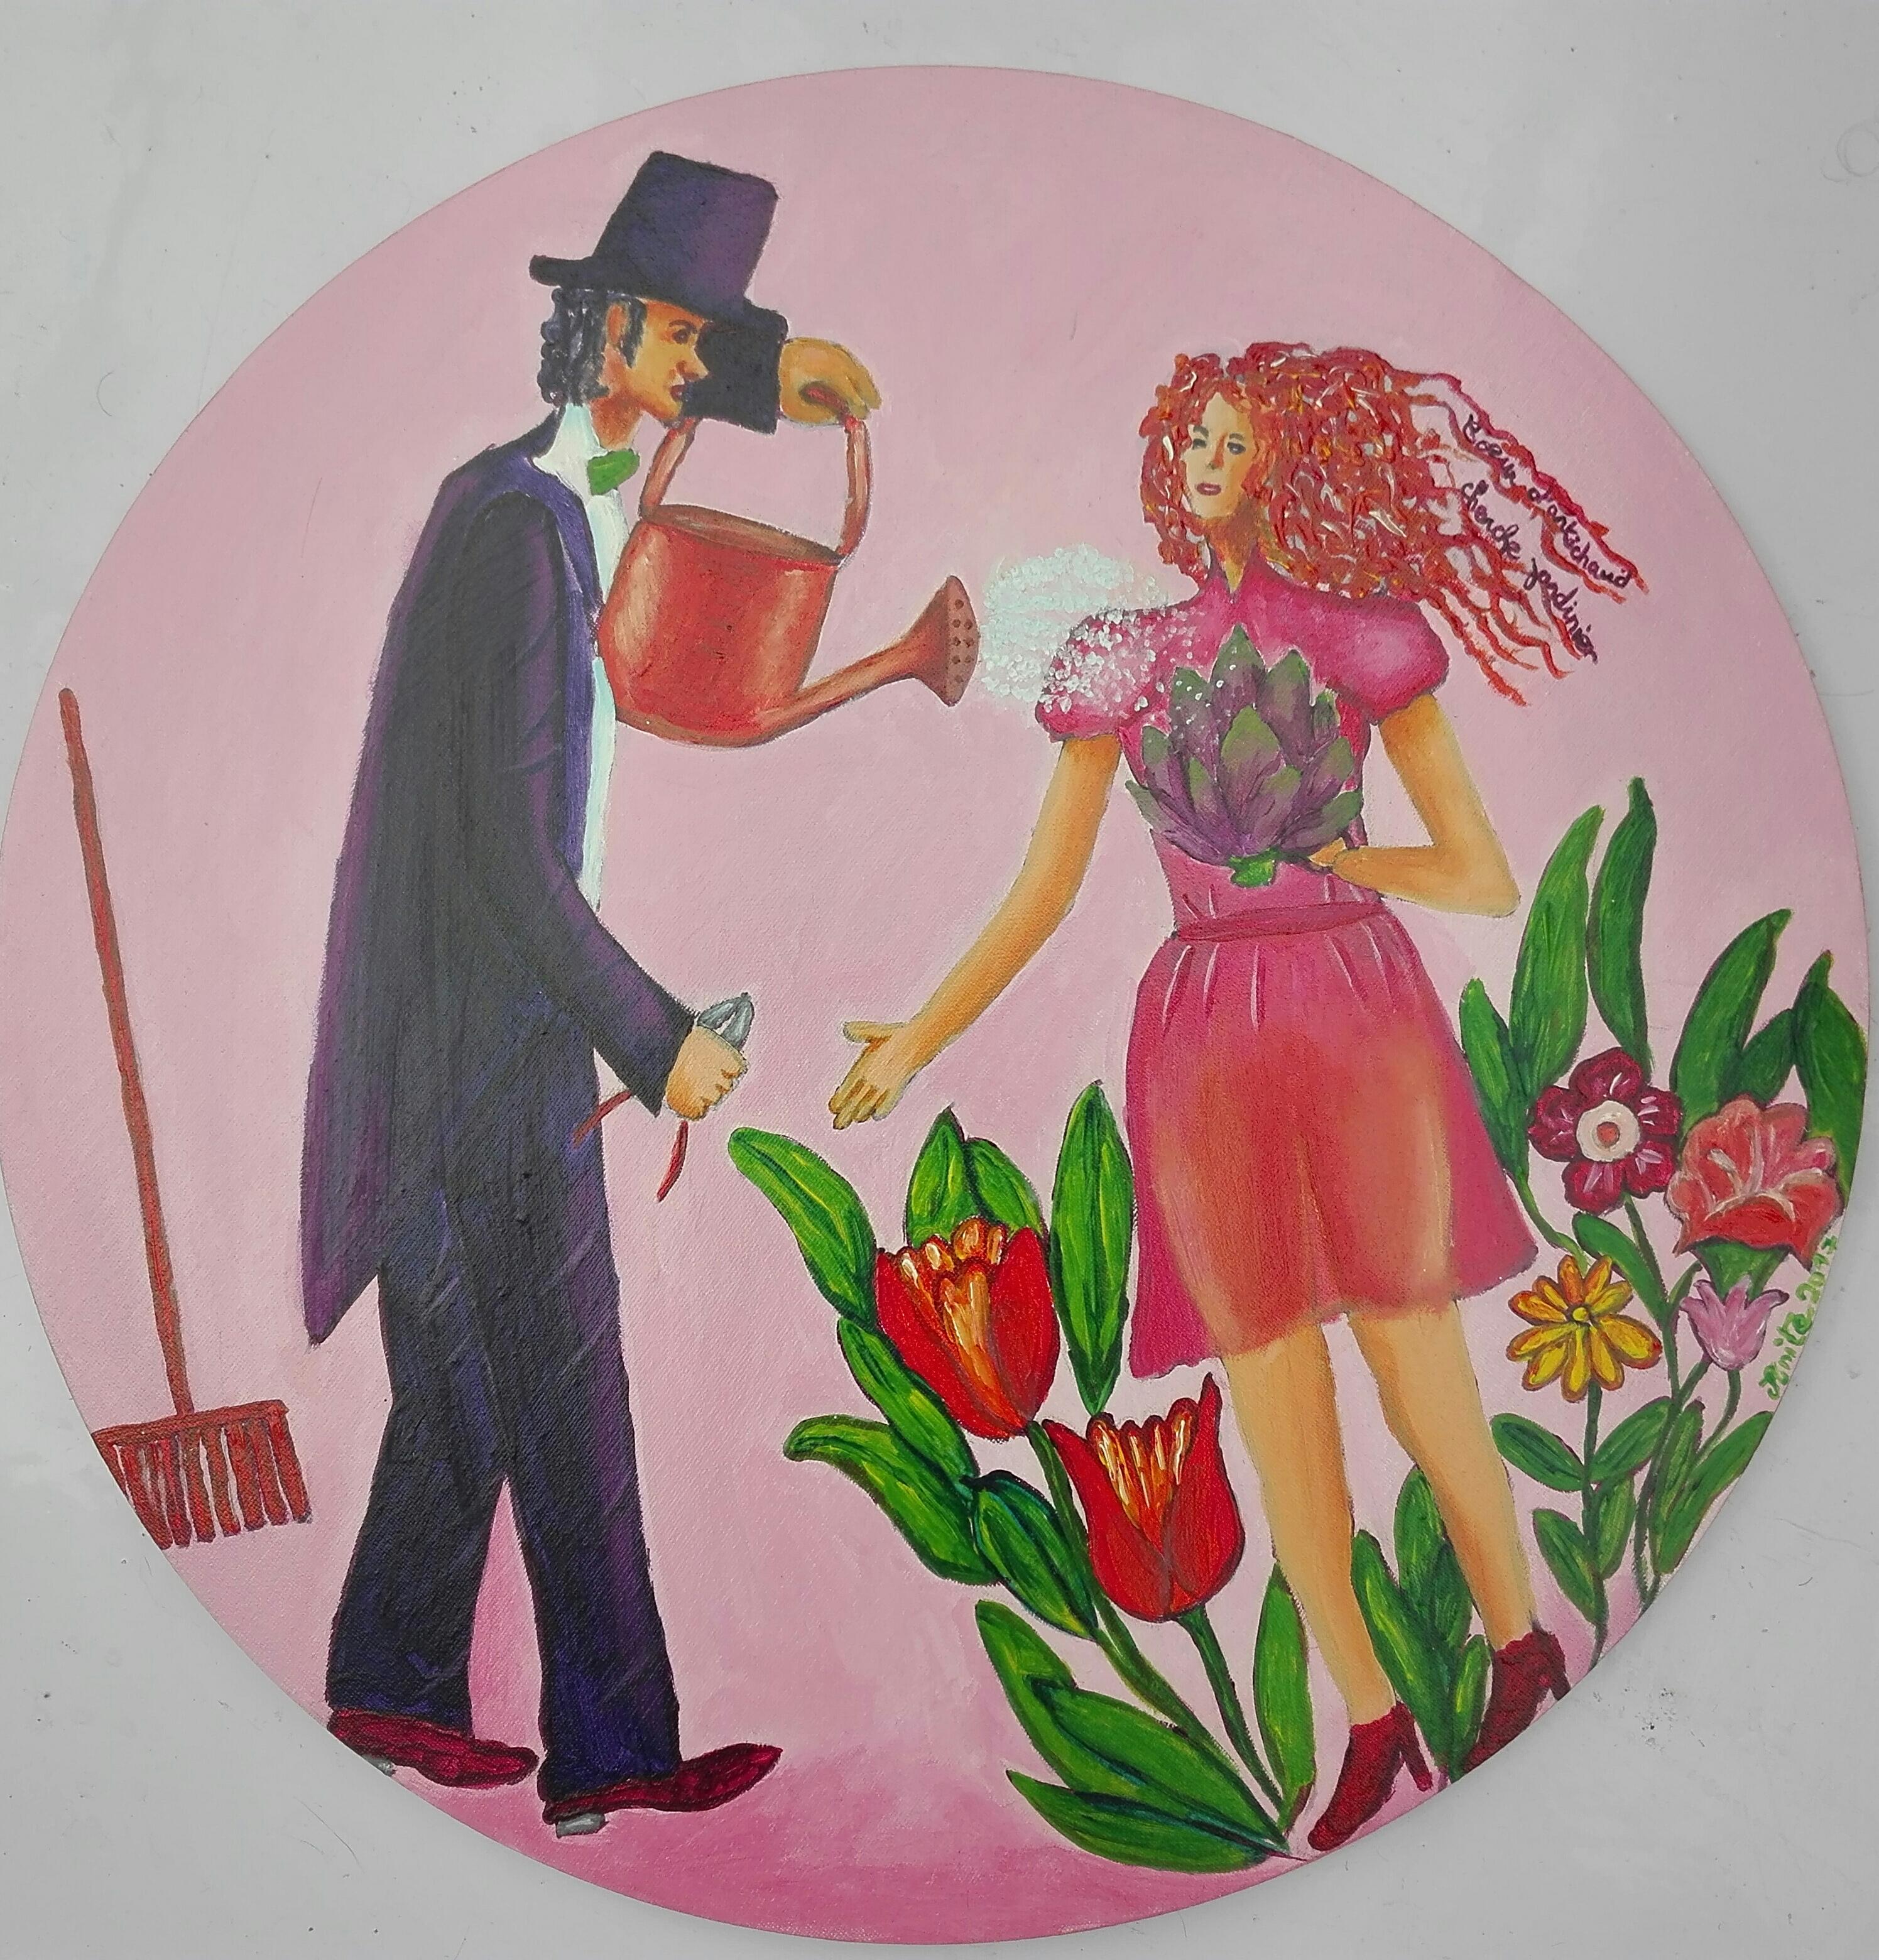 Coeur d'artichaud cherche jardinier